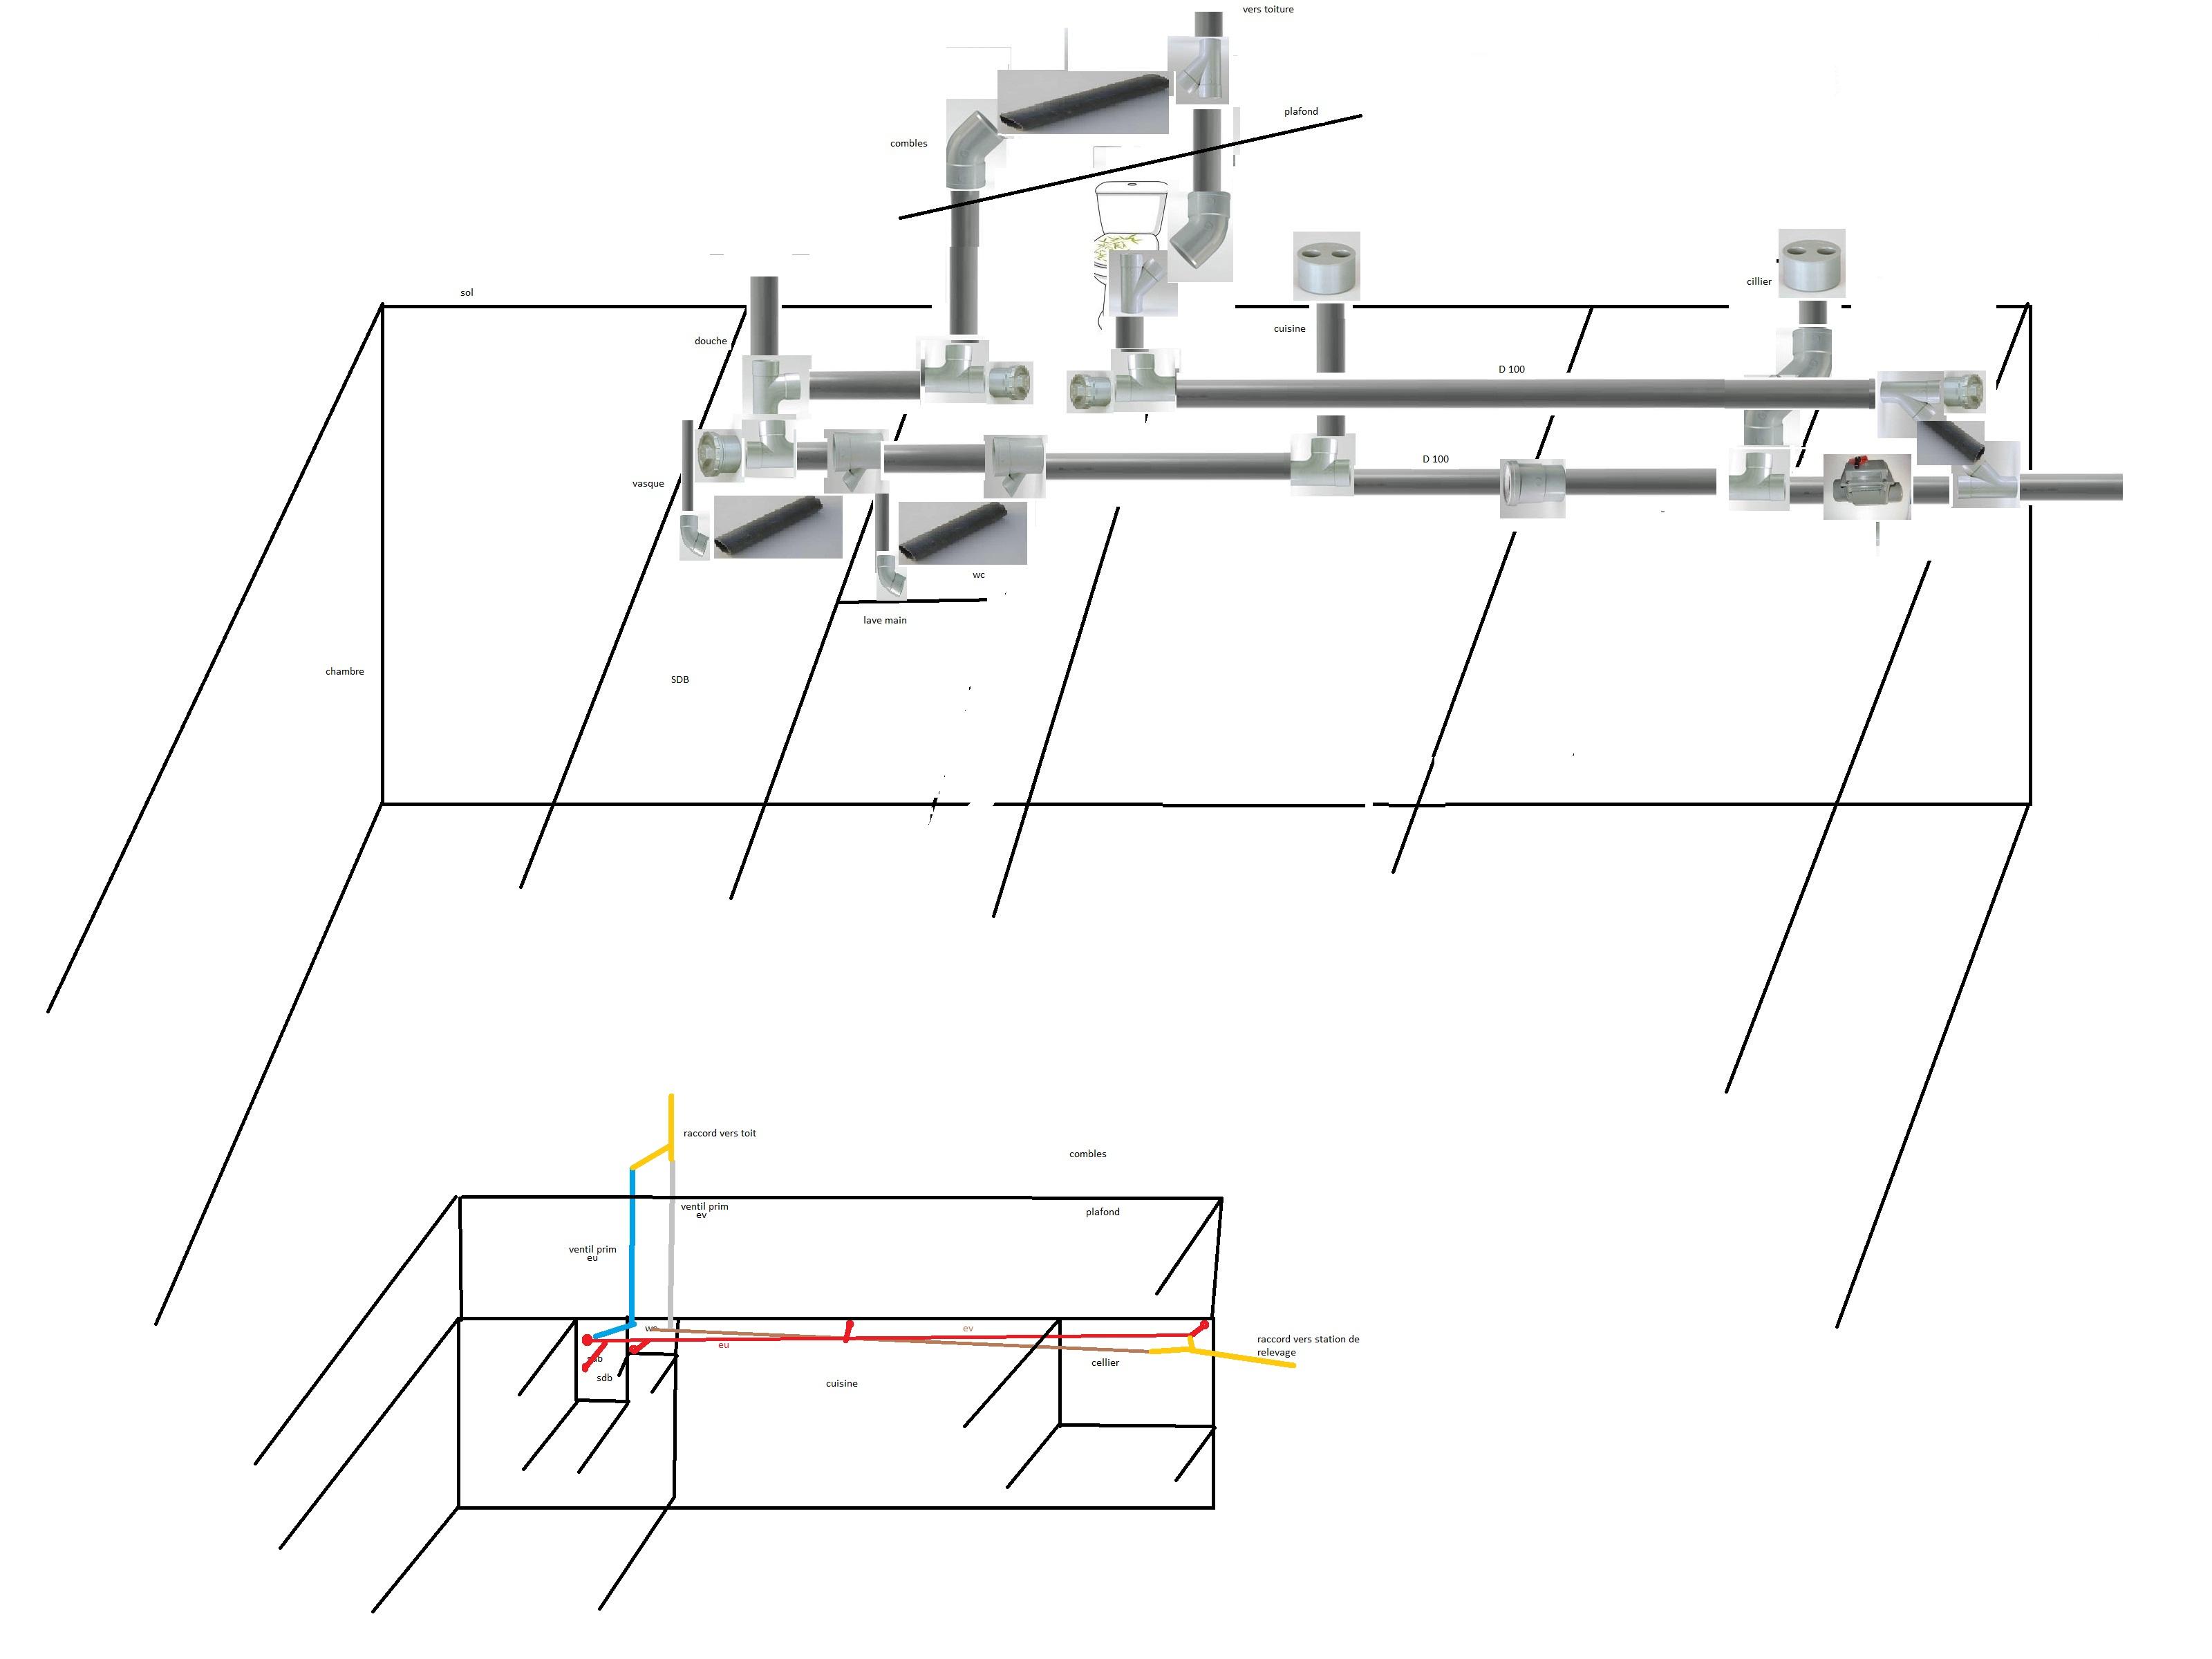 plan assainissement 1.jpg, 434.32 kb, 3200 x 2400